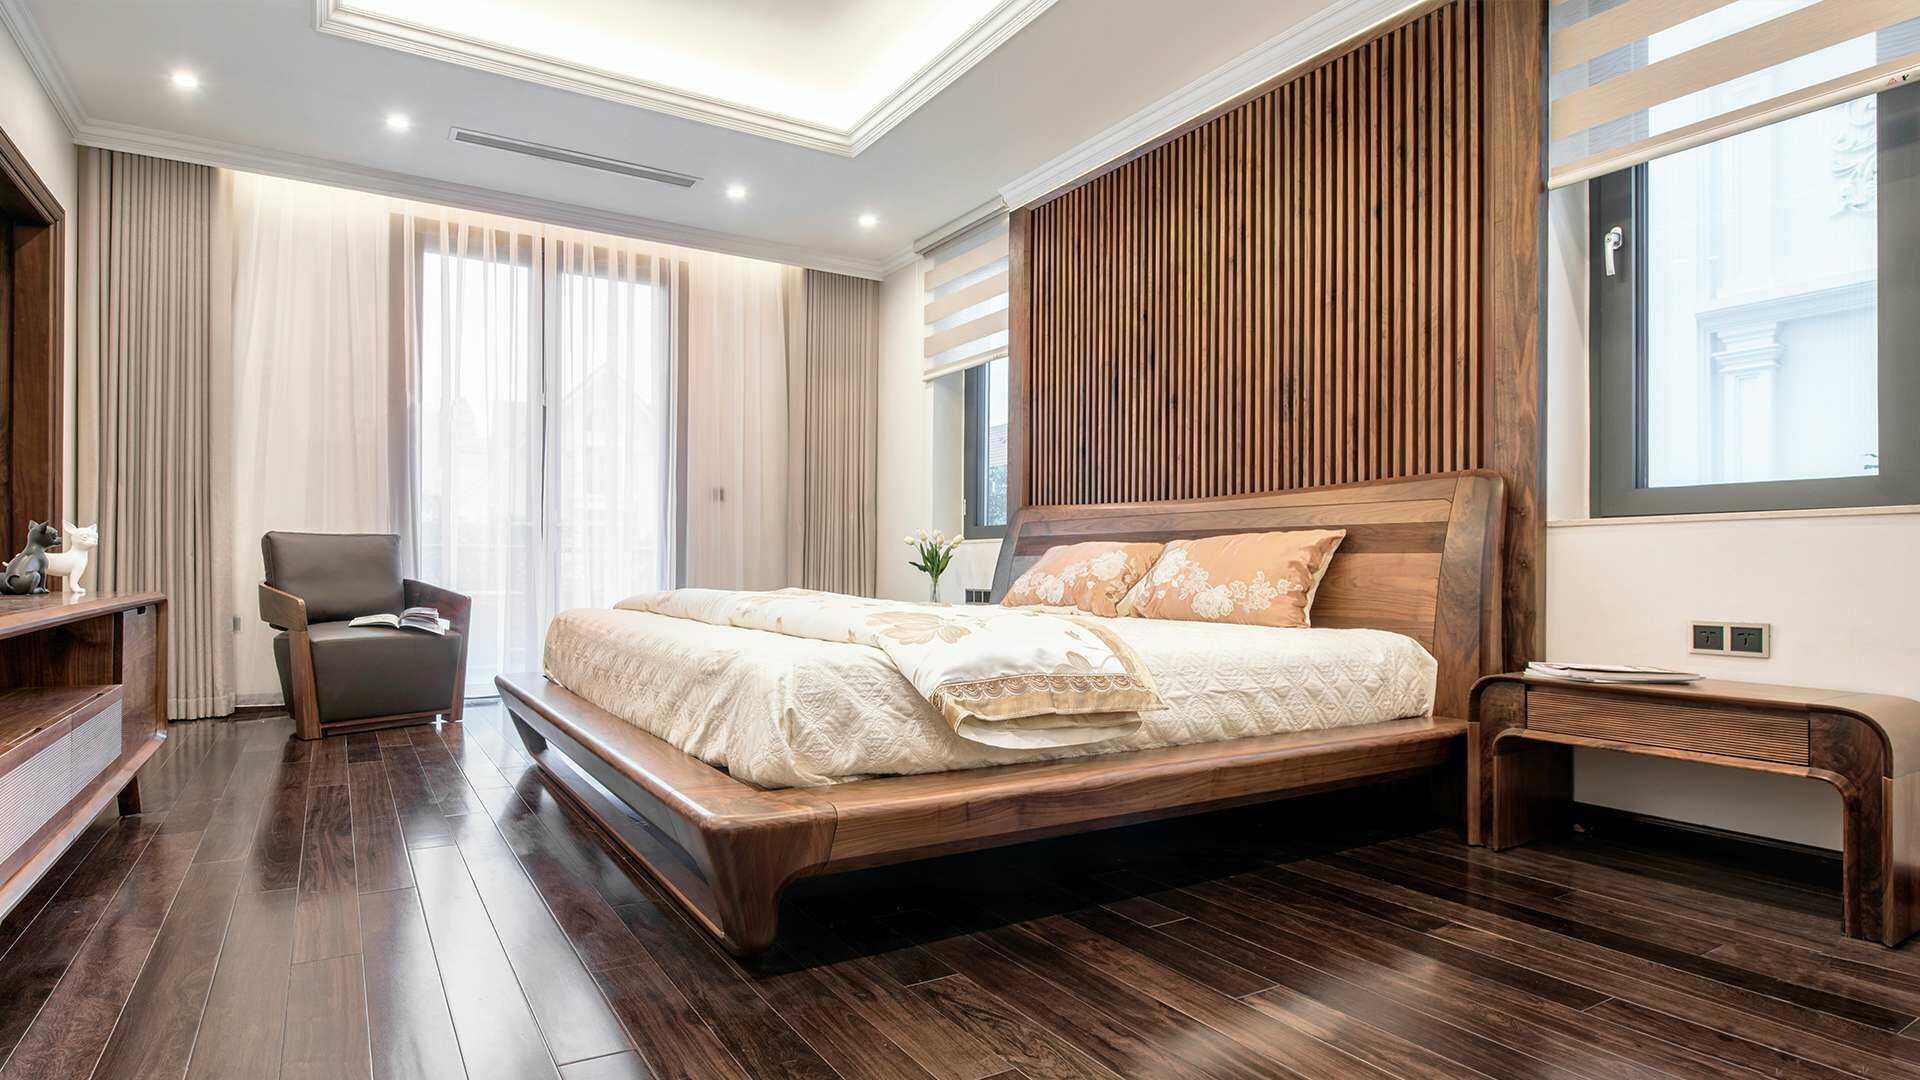 Nội thất phòng ngủ gỗ tự nhiên đẹp